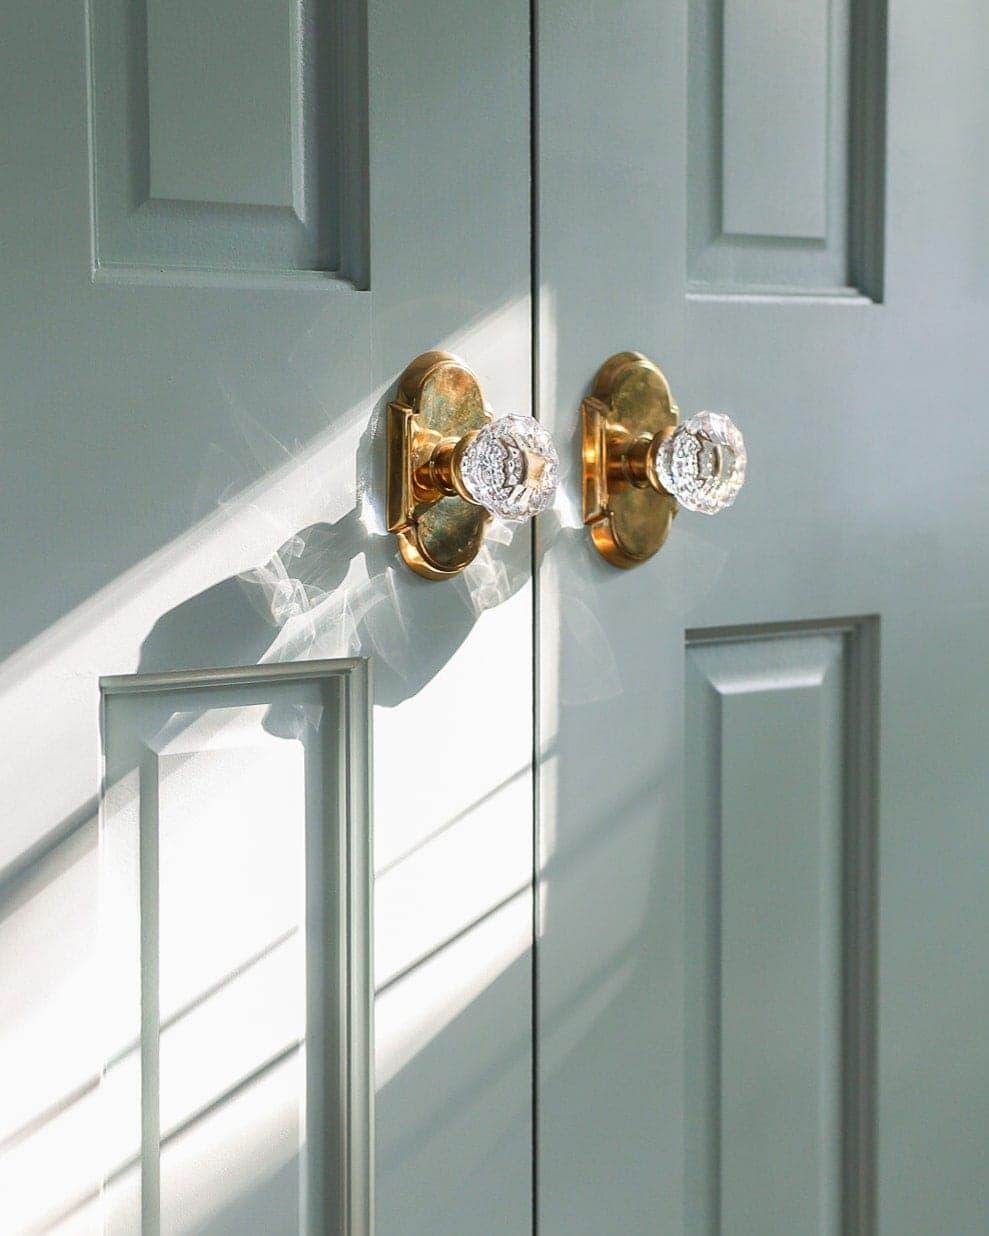 emtek-unlacquered-brass-astoria-doorknobs